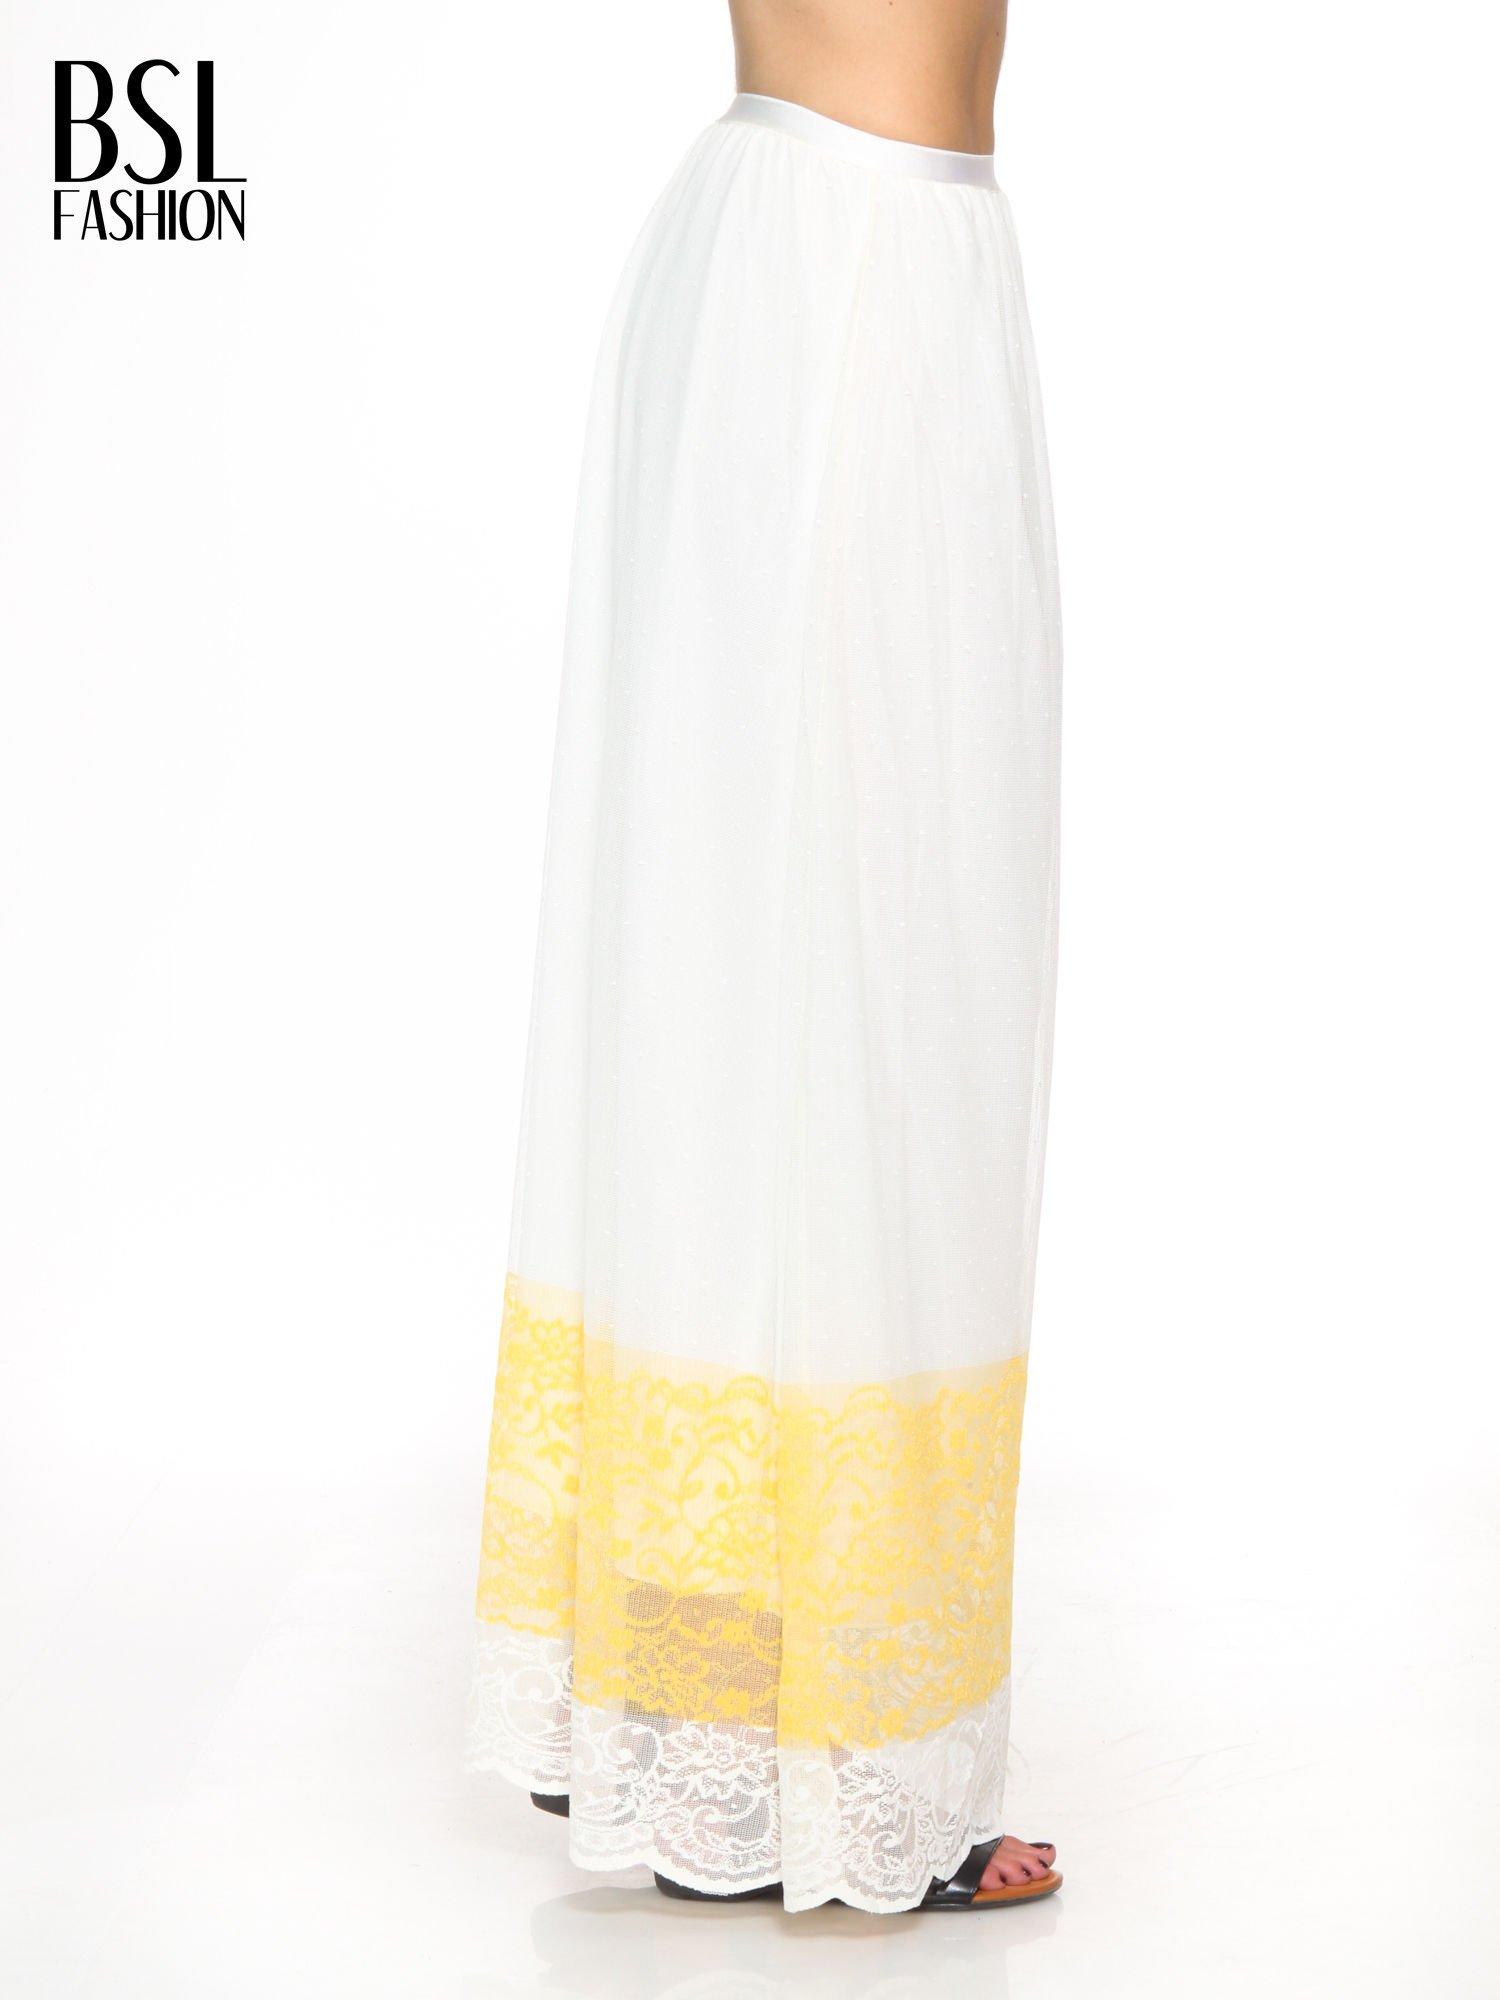 Biała ażurowa spódnica z żółtym pasem                                  zdj.                                  3